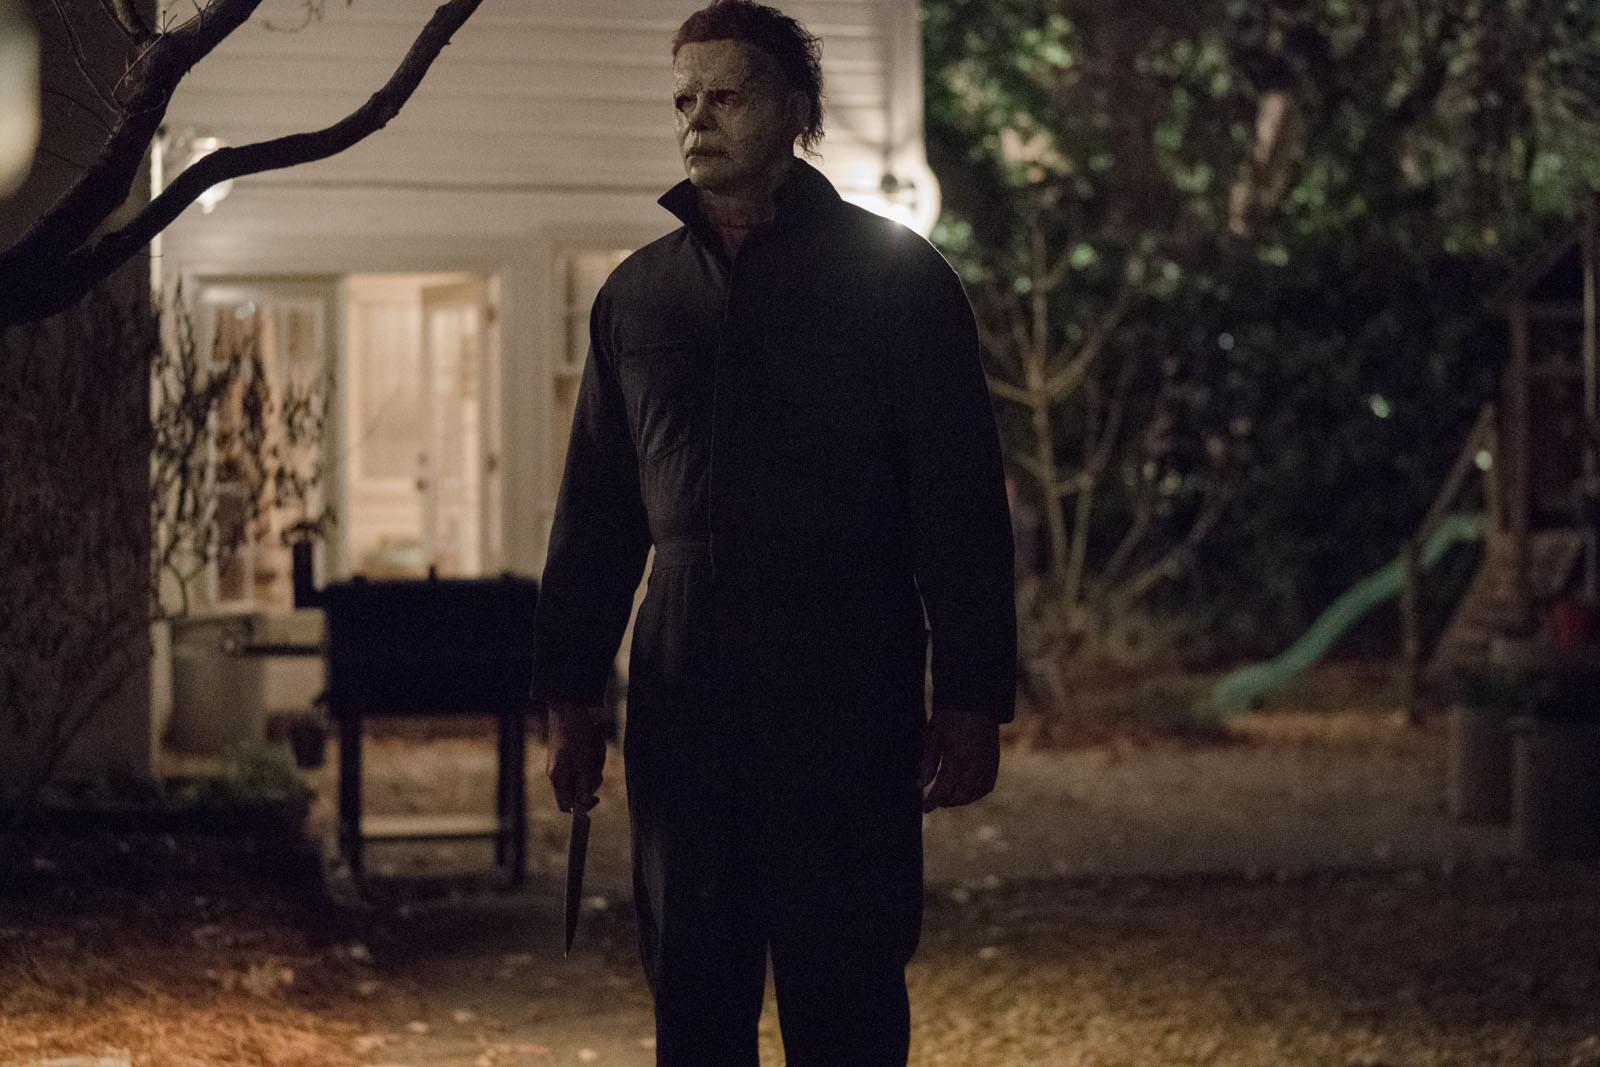 La noche de Halloween_imagen3